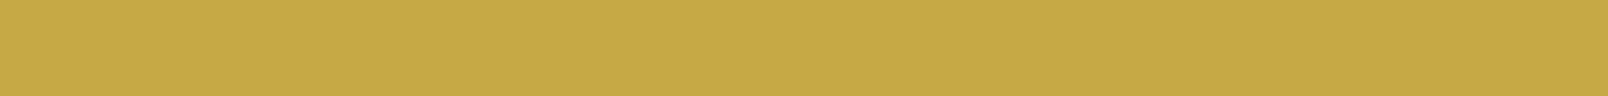 Gold Divider